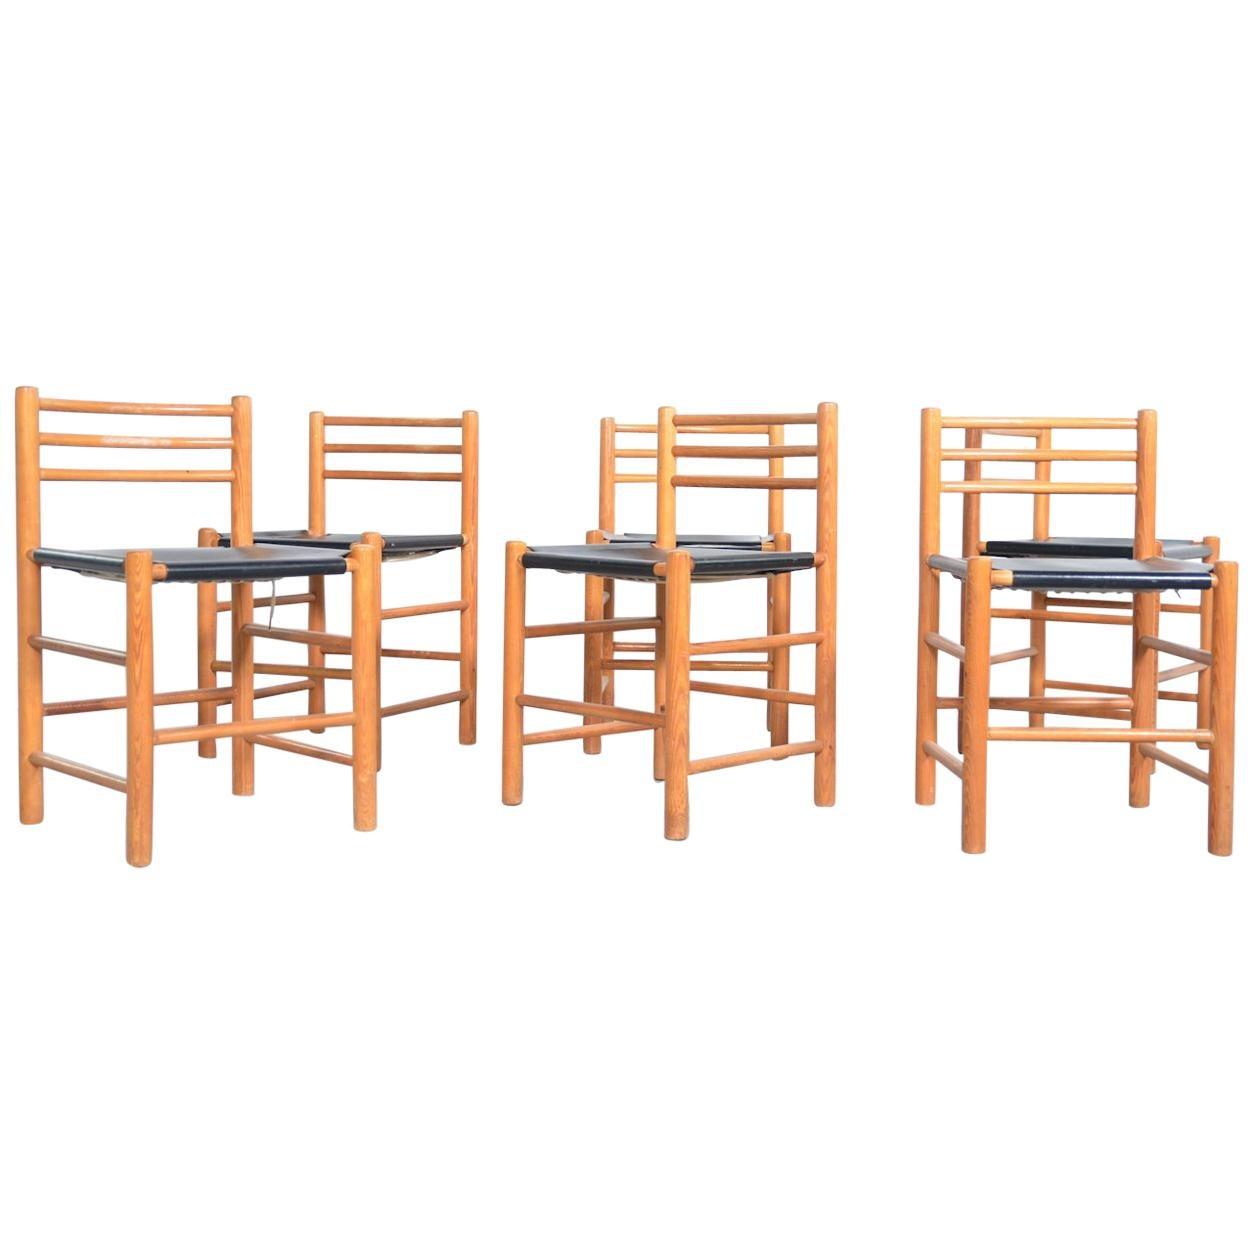 Ate Van Apeldoorn Dining Chairs for Houtwerk Hattem, Netherlands